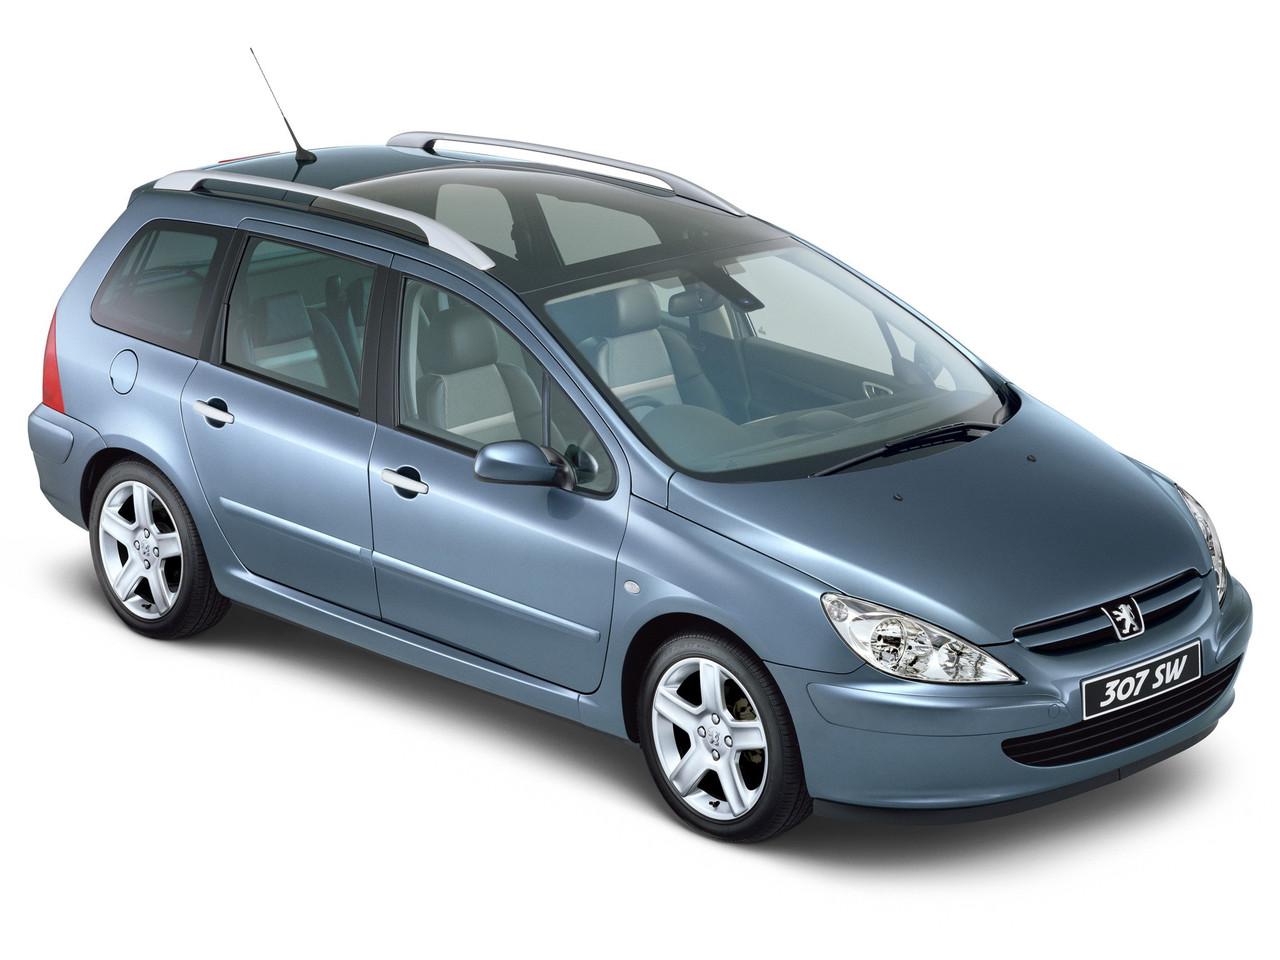 Лобовое стекло Peugeot 307 с местом под датчик (2001-2007)